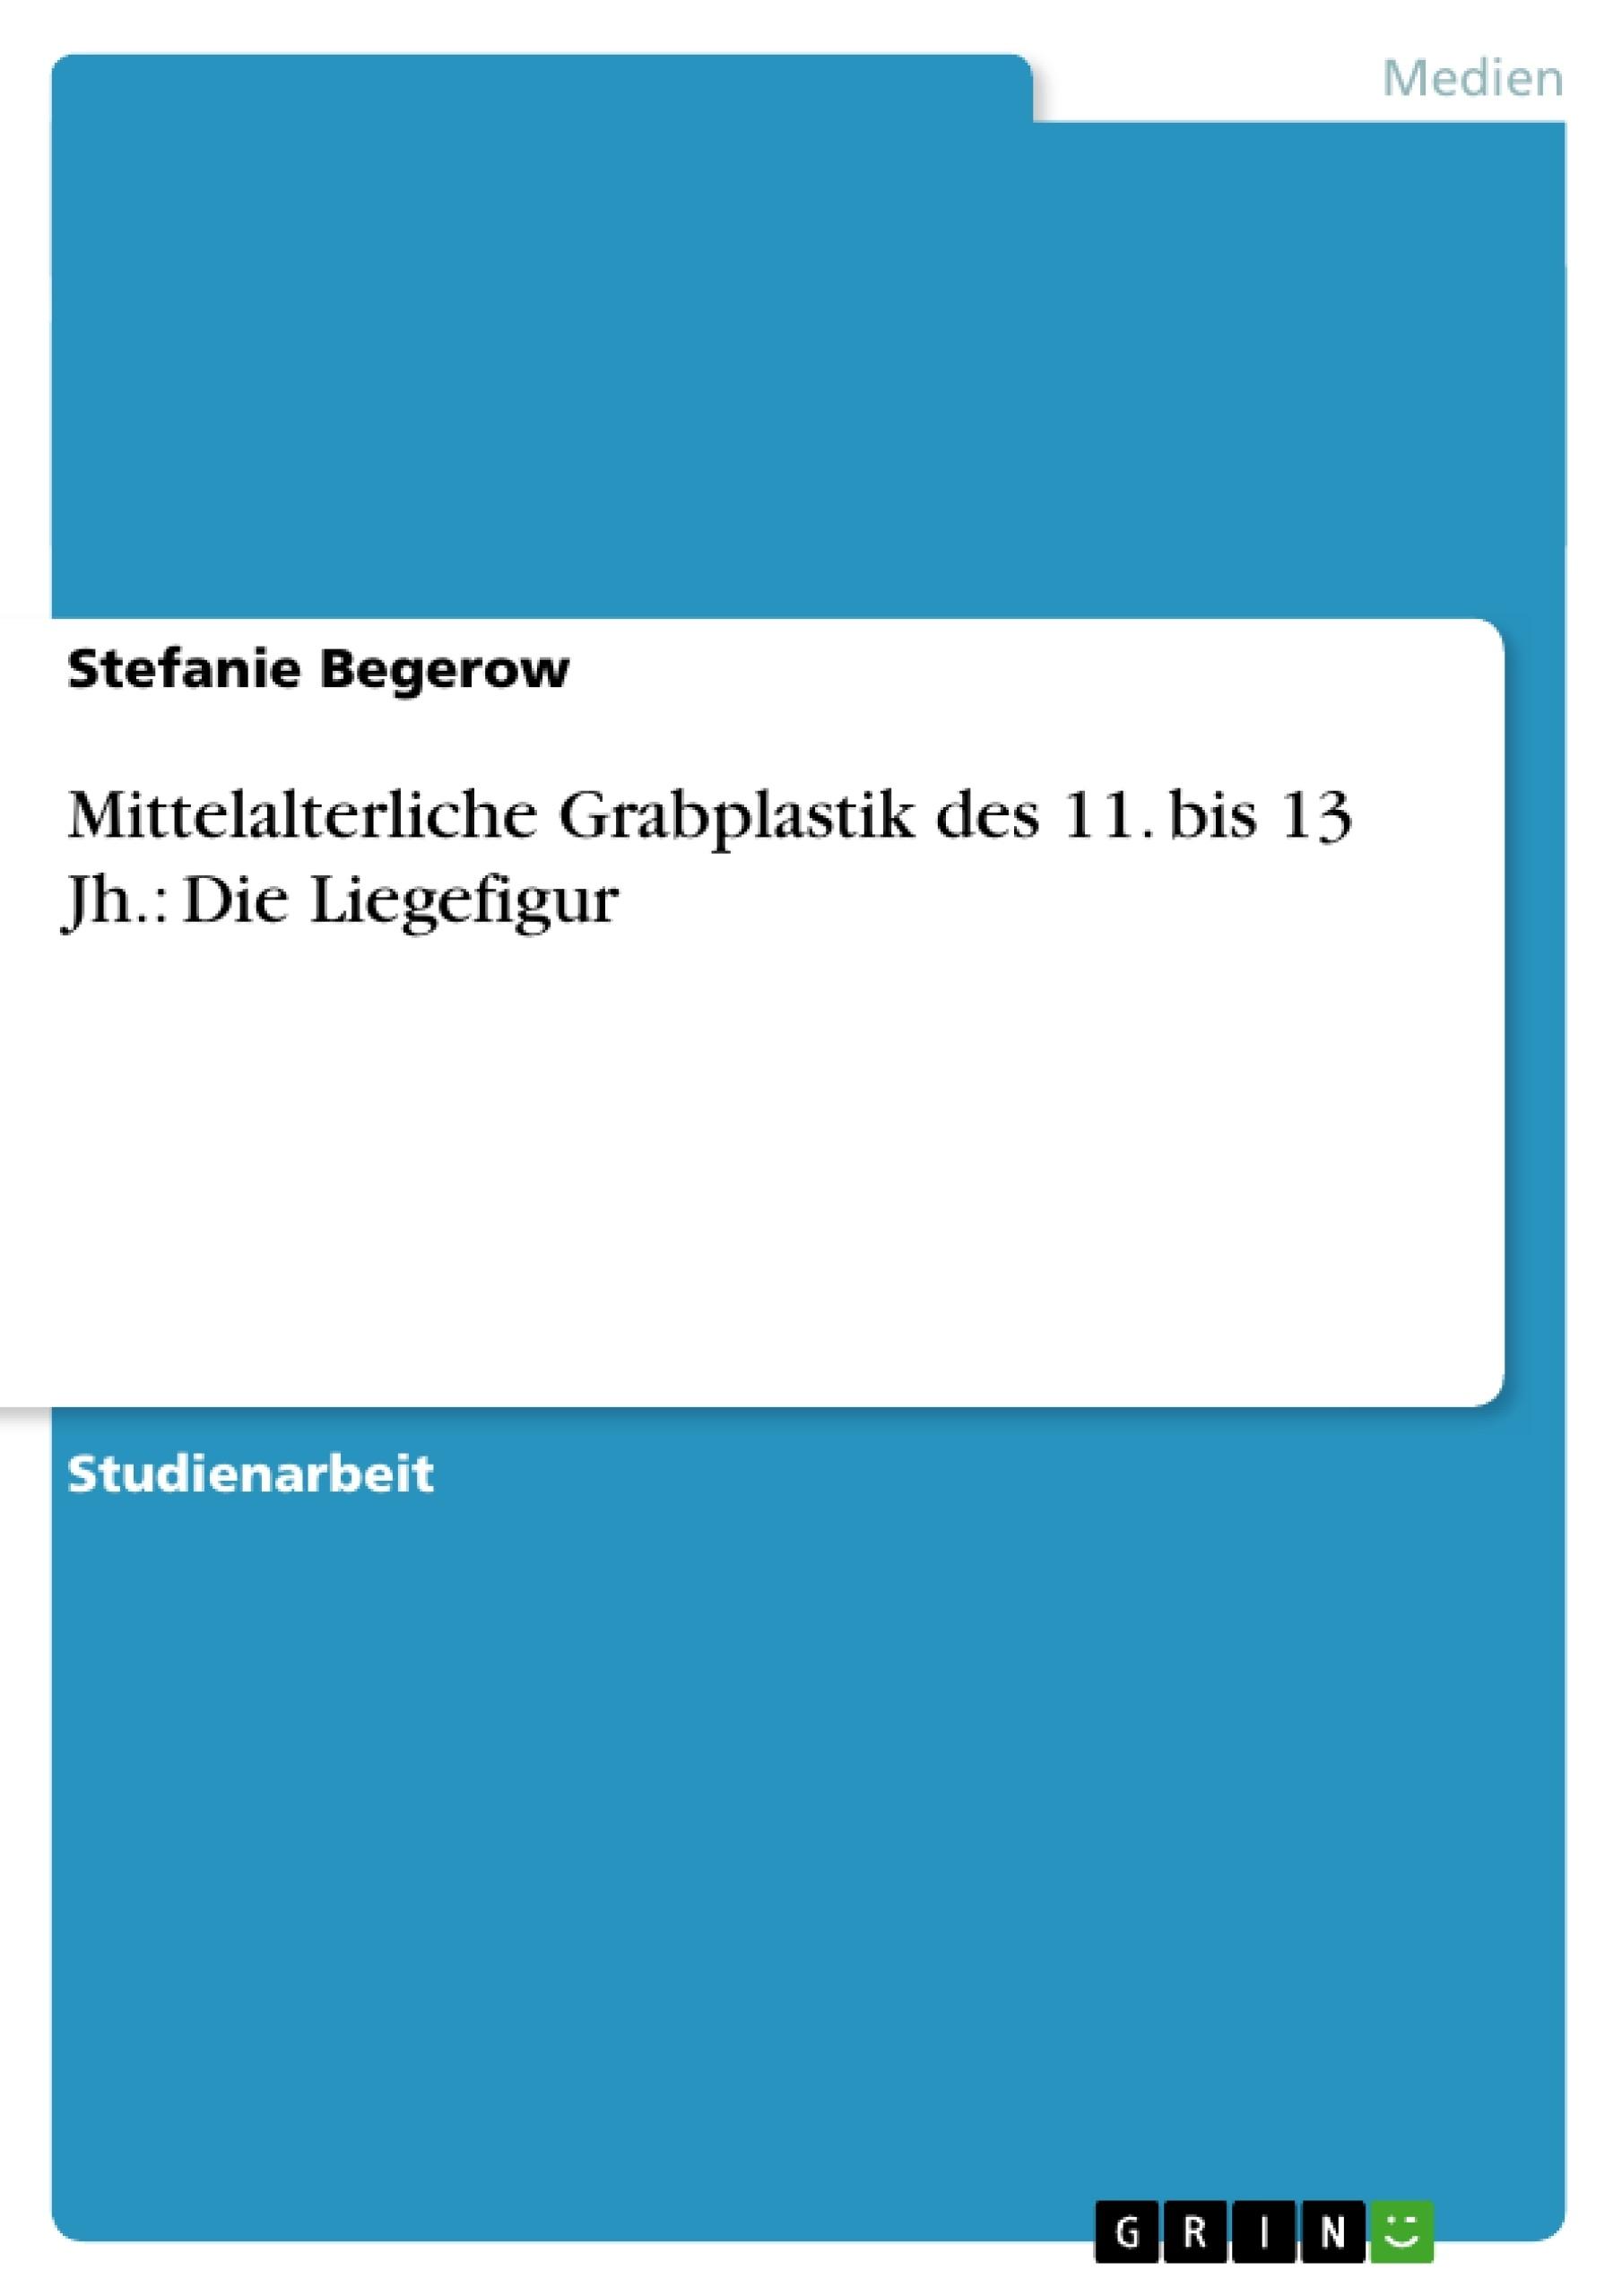 Titel: Mittelalterliche Grabplastik des 11. bis 13 Jh.: Die Liegefigur